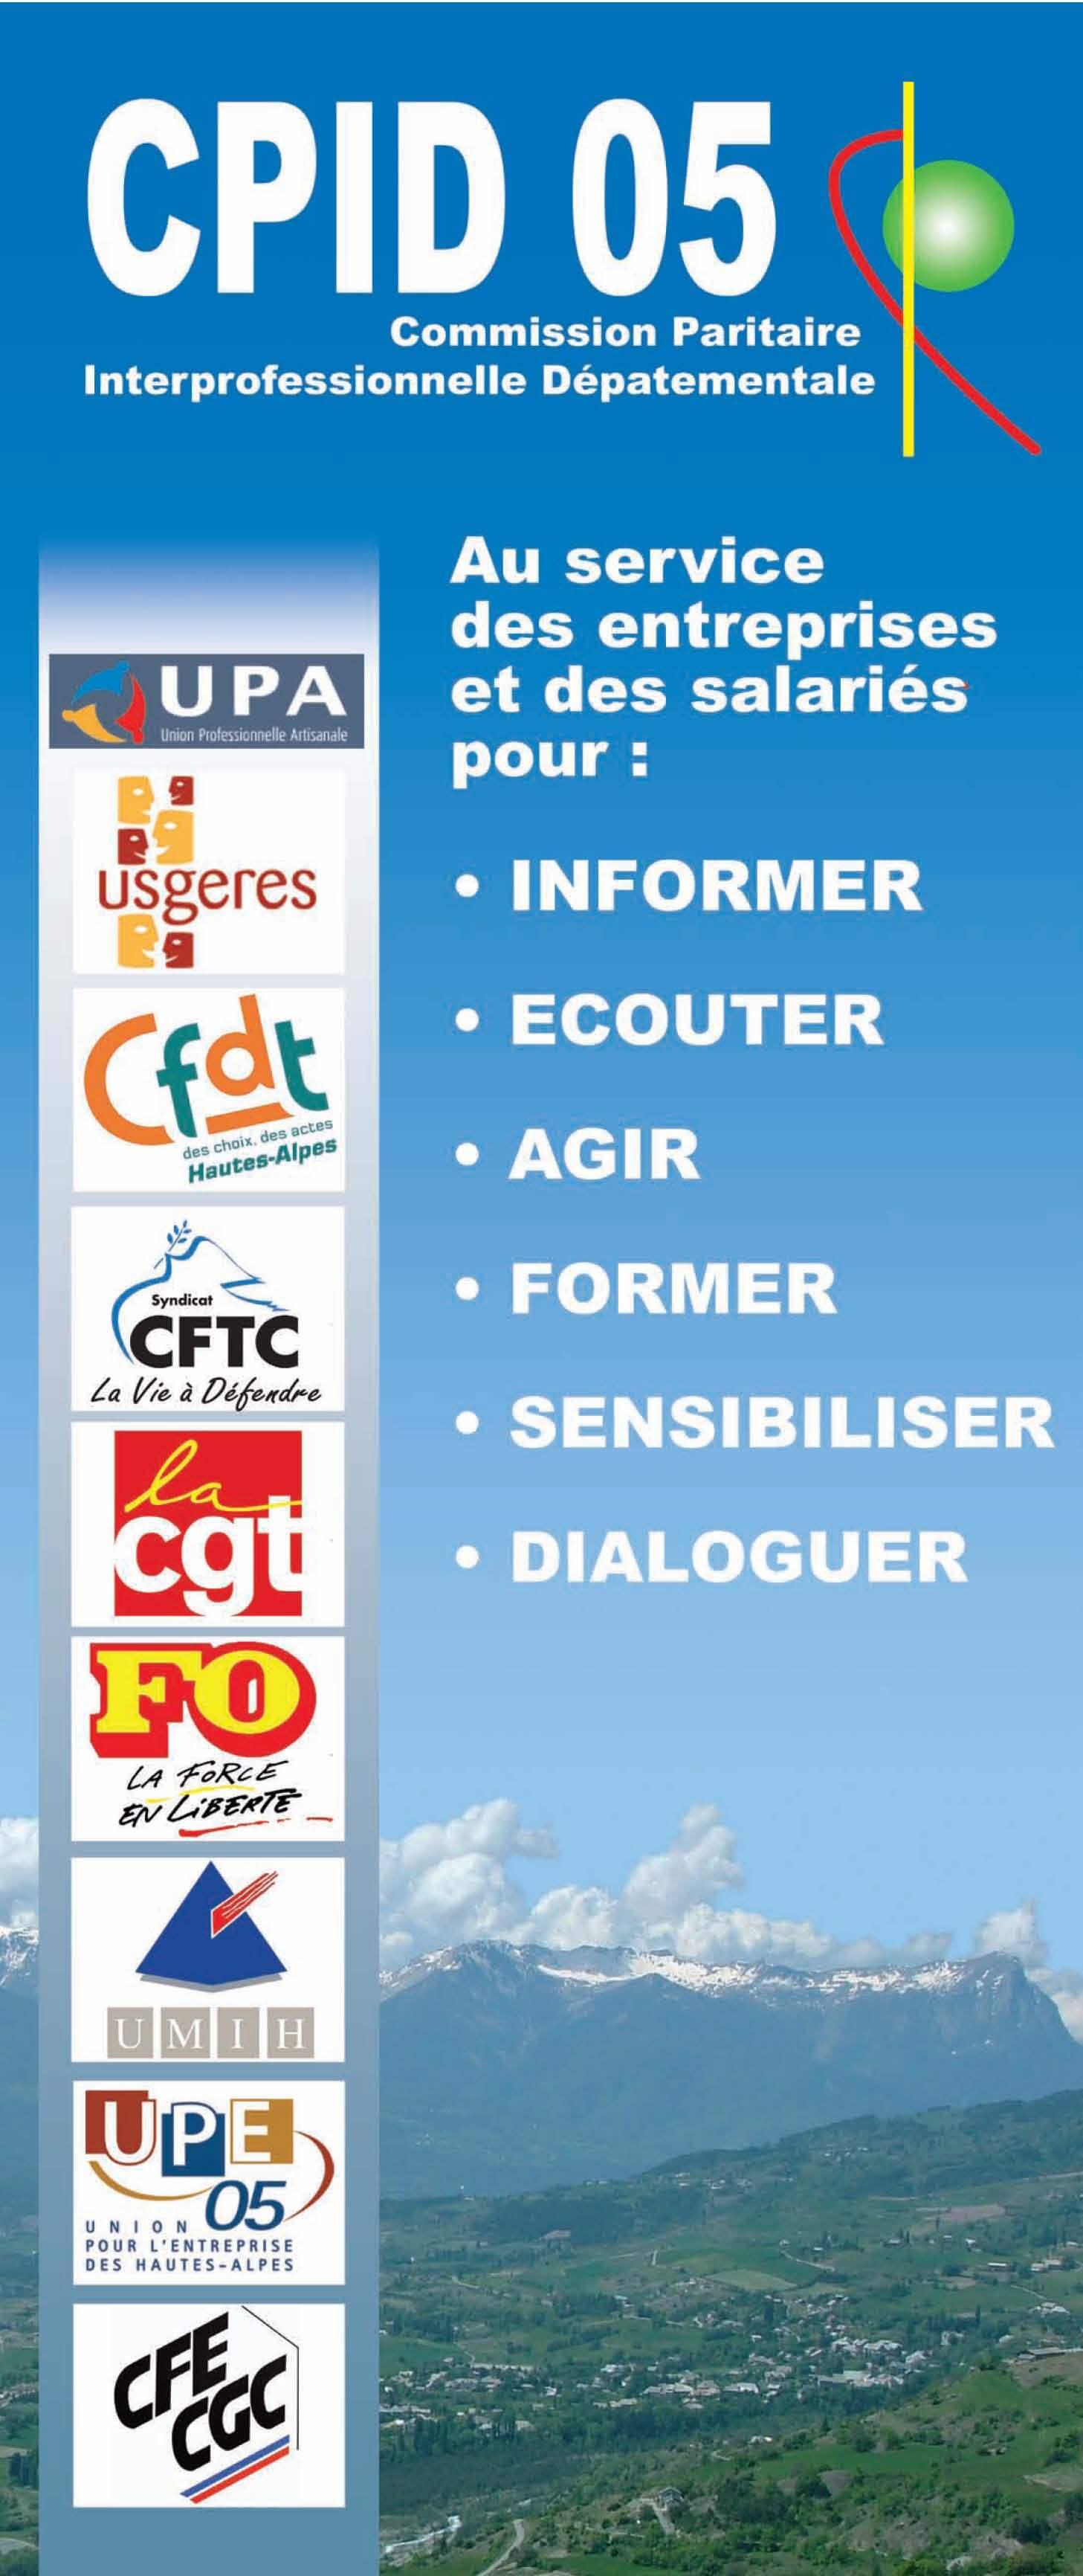 CPID 05 bandeau présentation